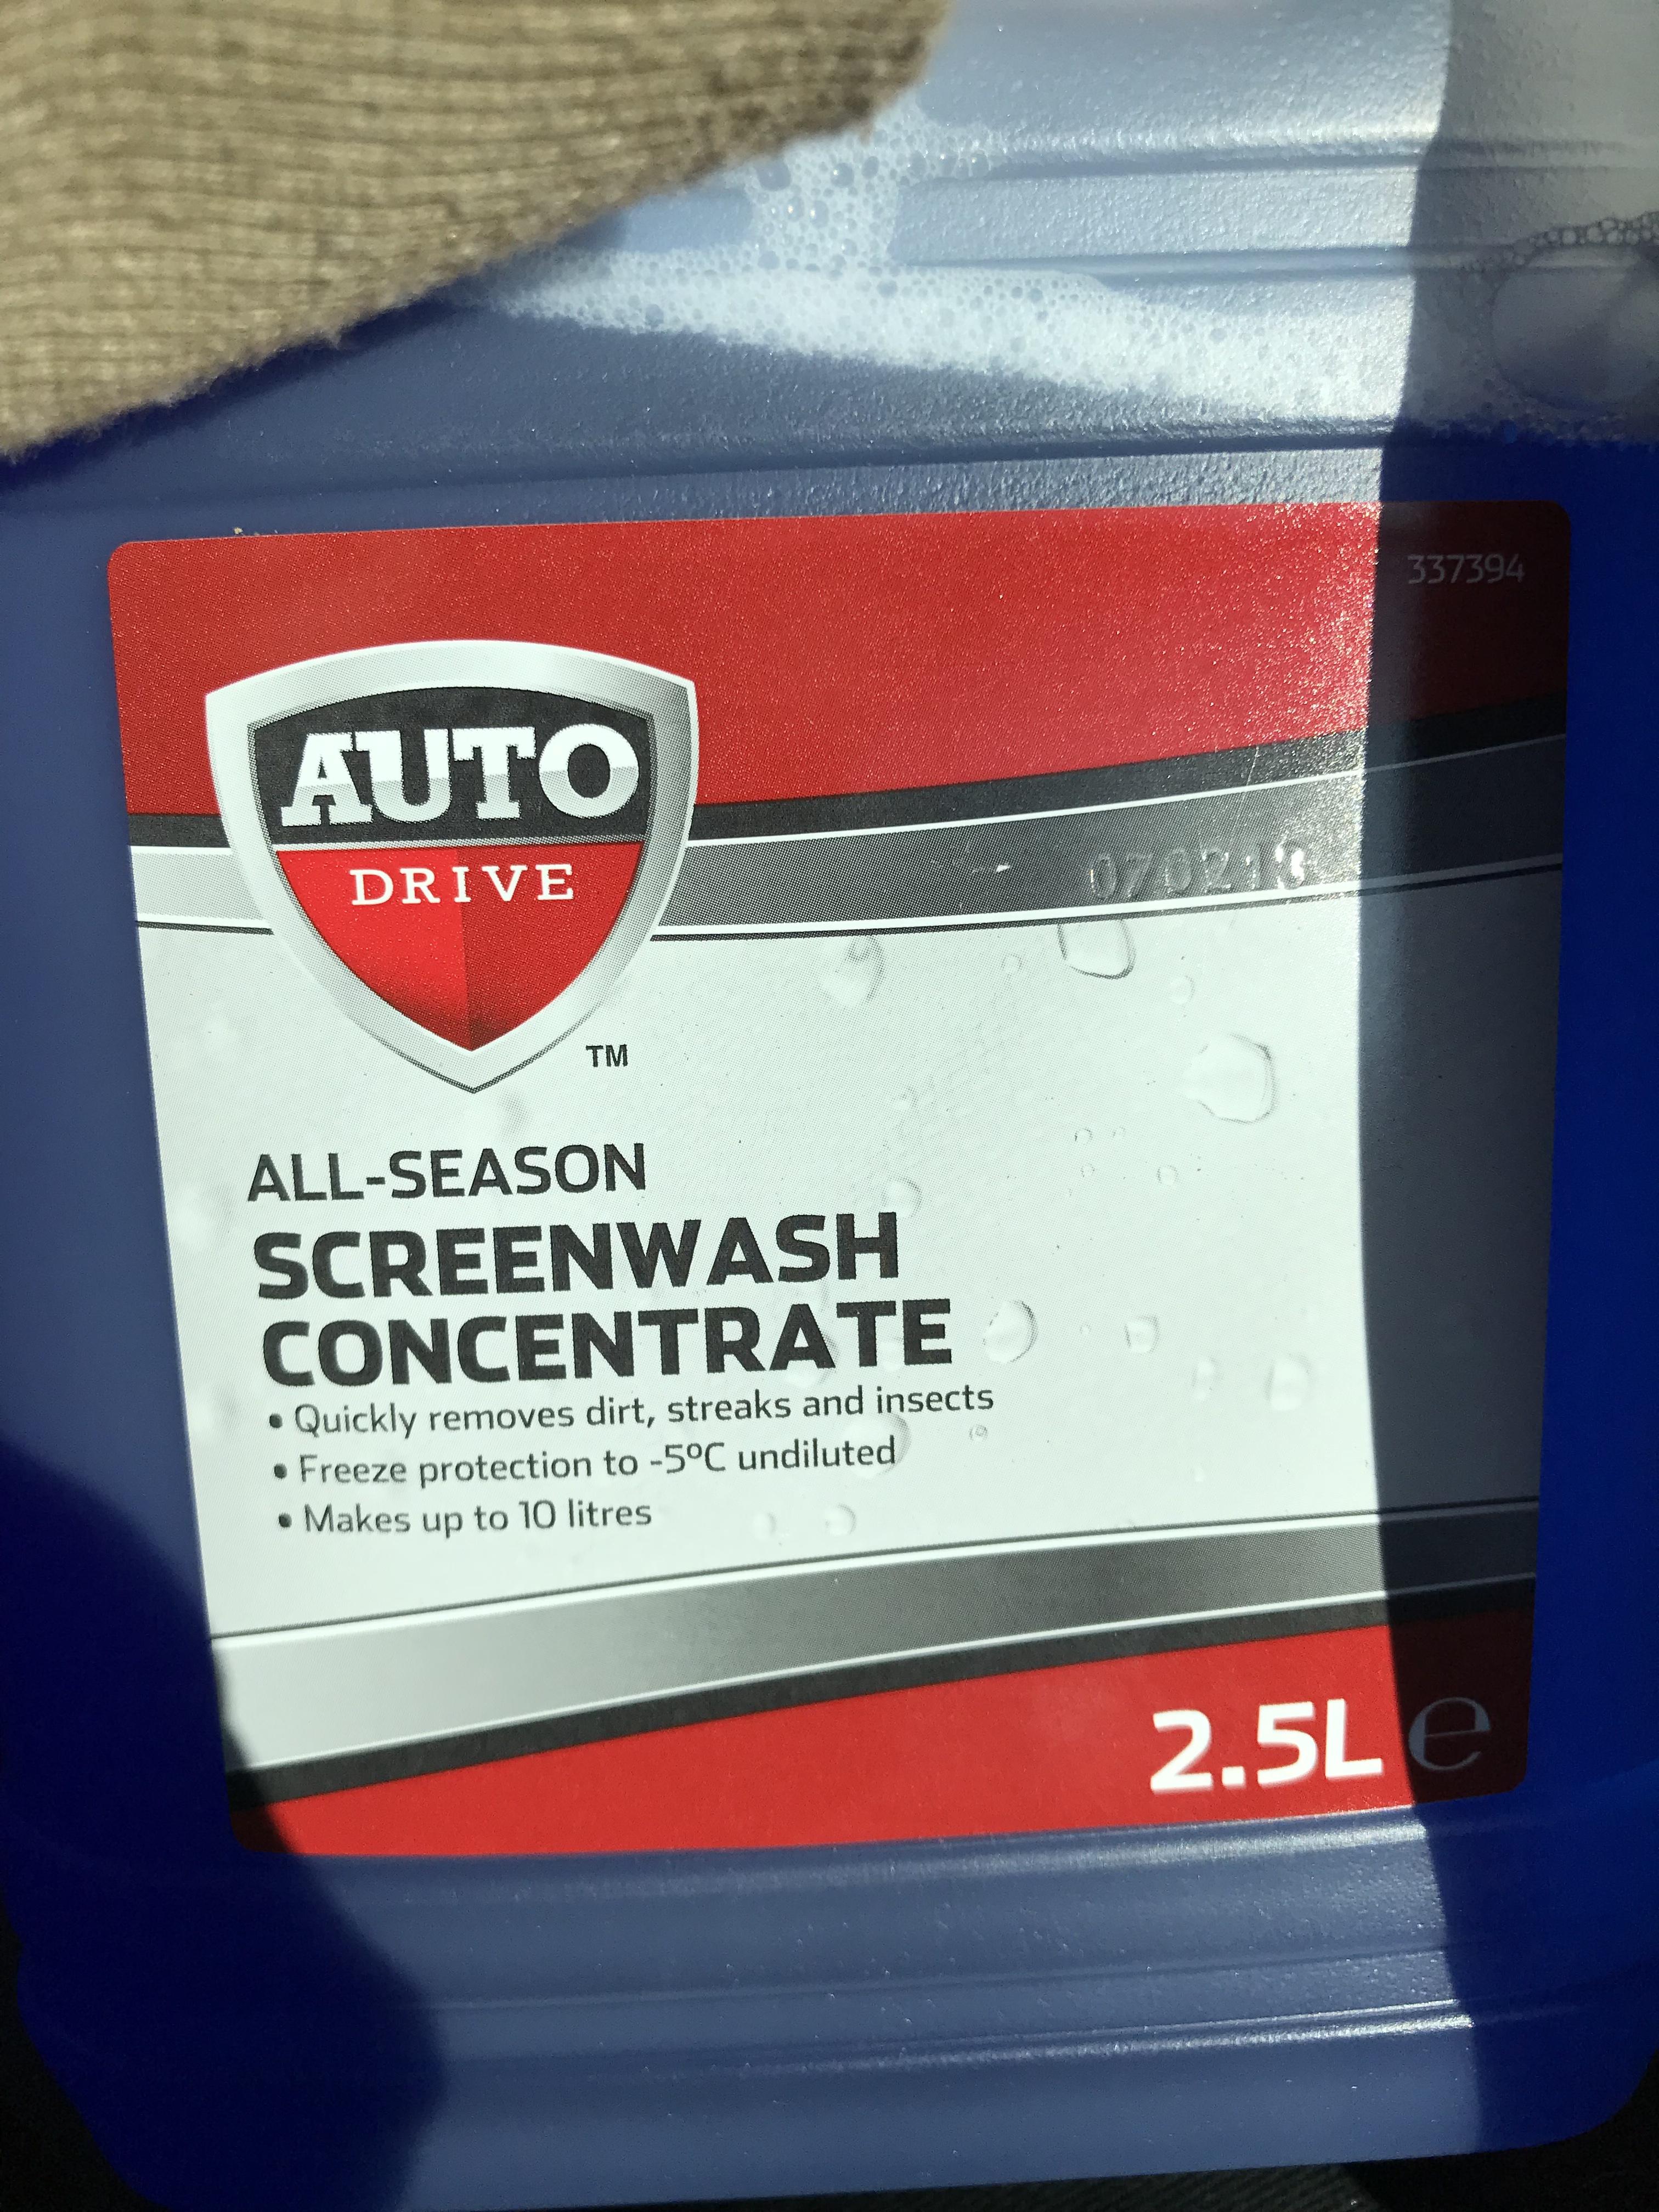 Auto Drive screenwash concentrate 2.5l - 25p instore at Asda